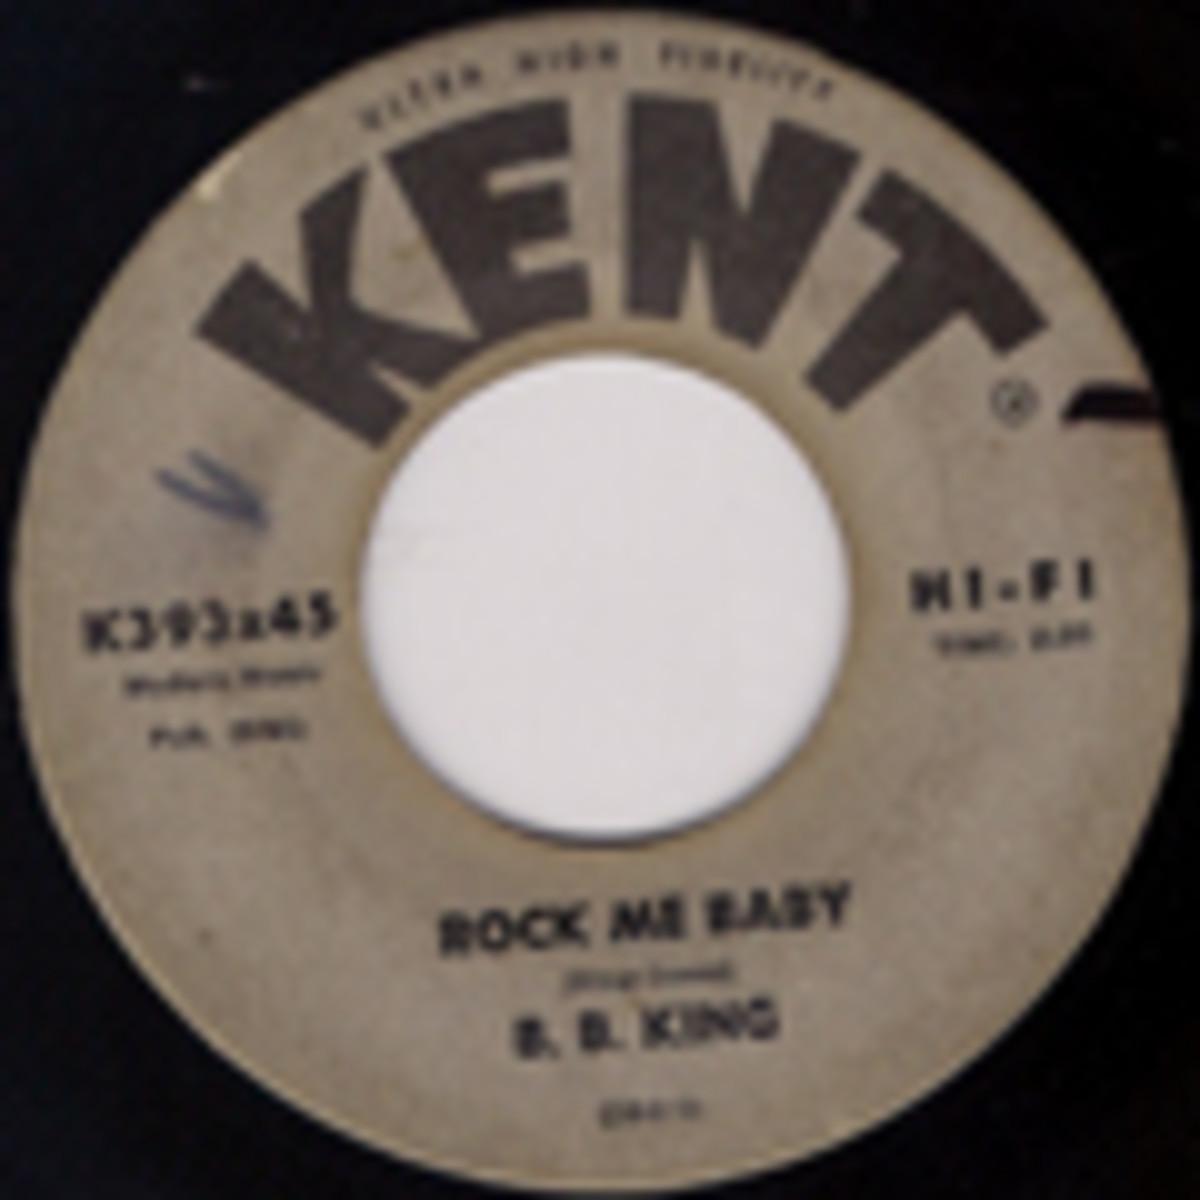 B.B. King Rock Me Baby